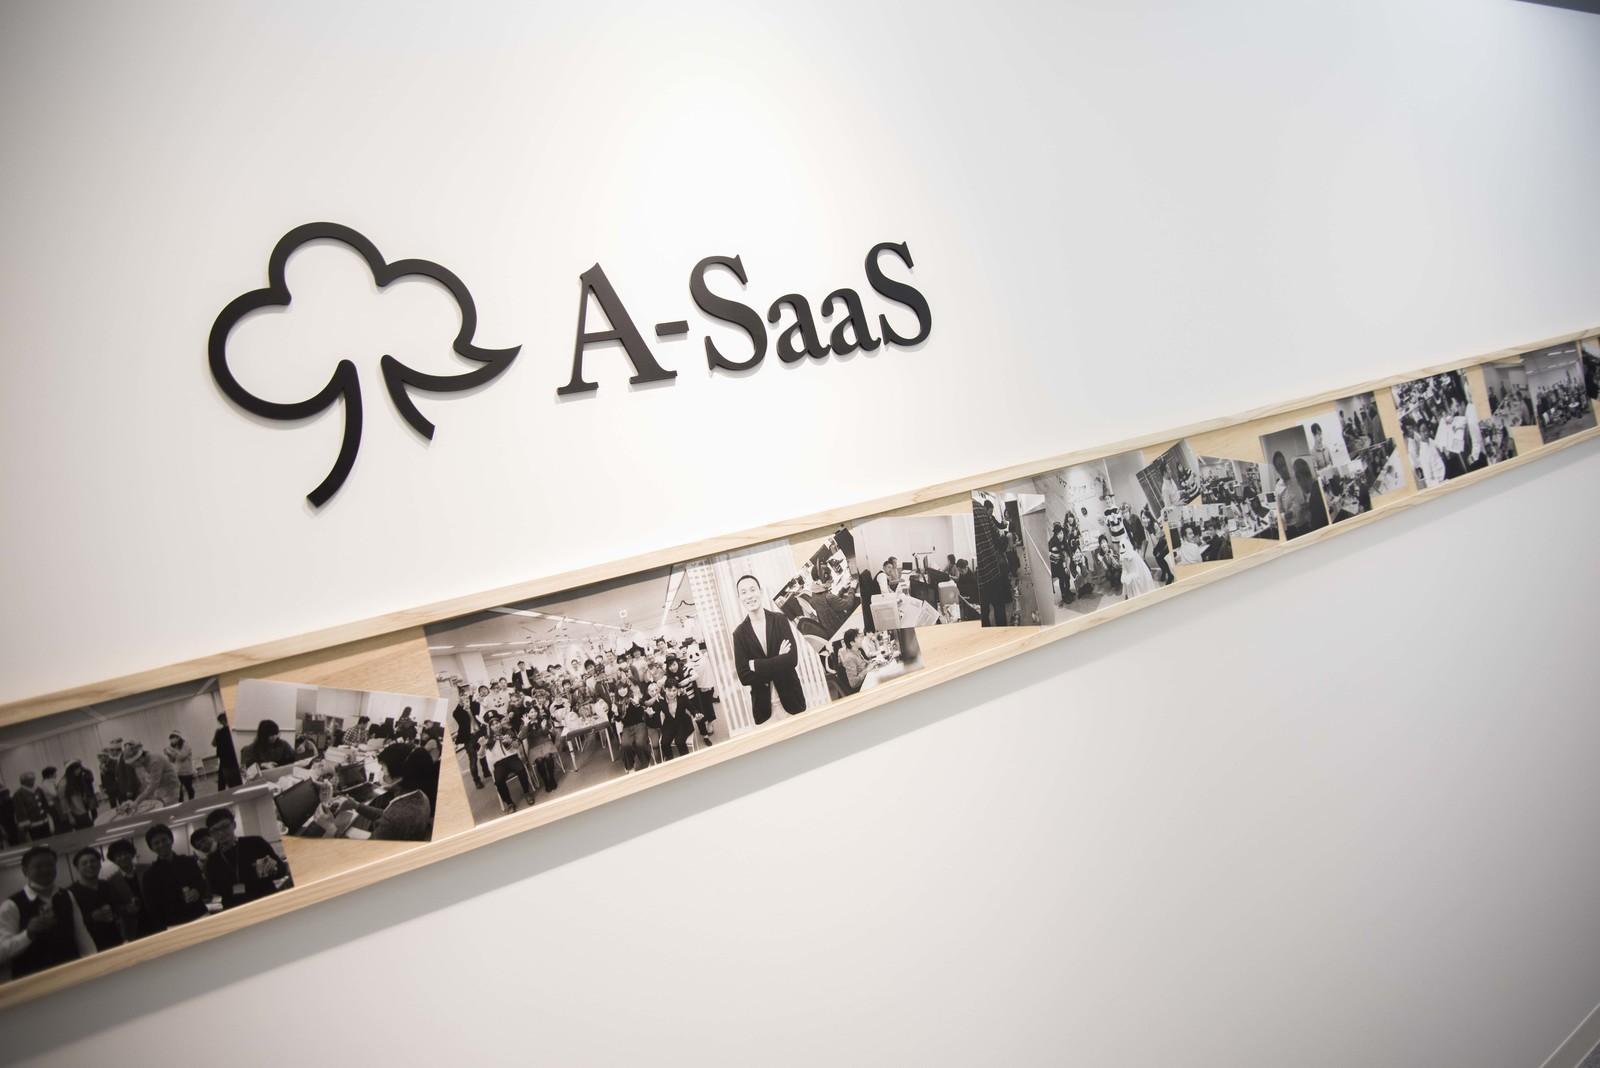 クラウド税務・会計・給与サービス「A-SaaS(エーサース)」のインフラを支えるAWSエンジニア募集!